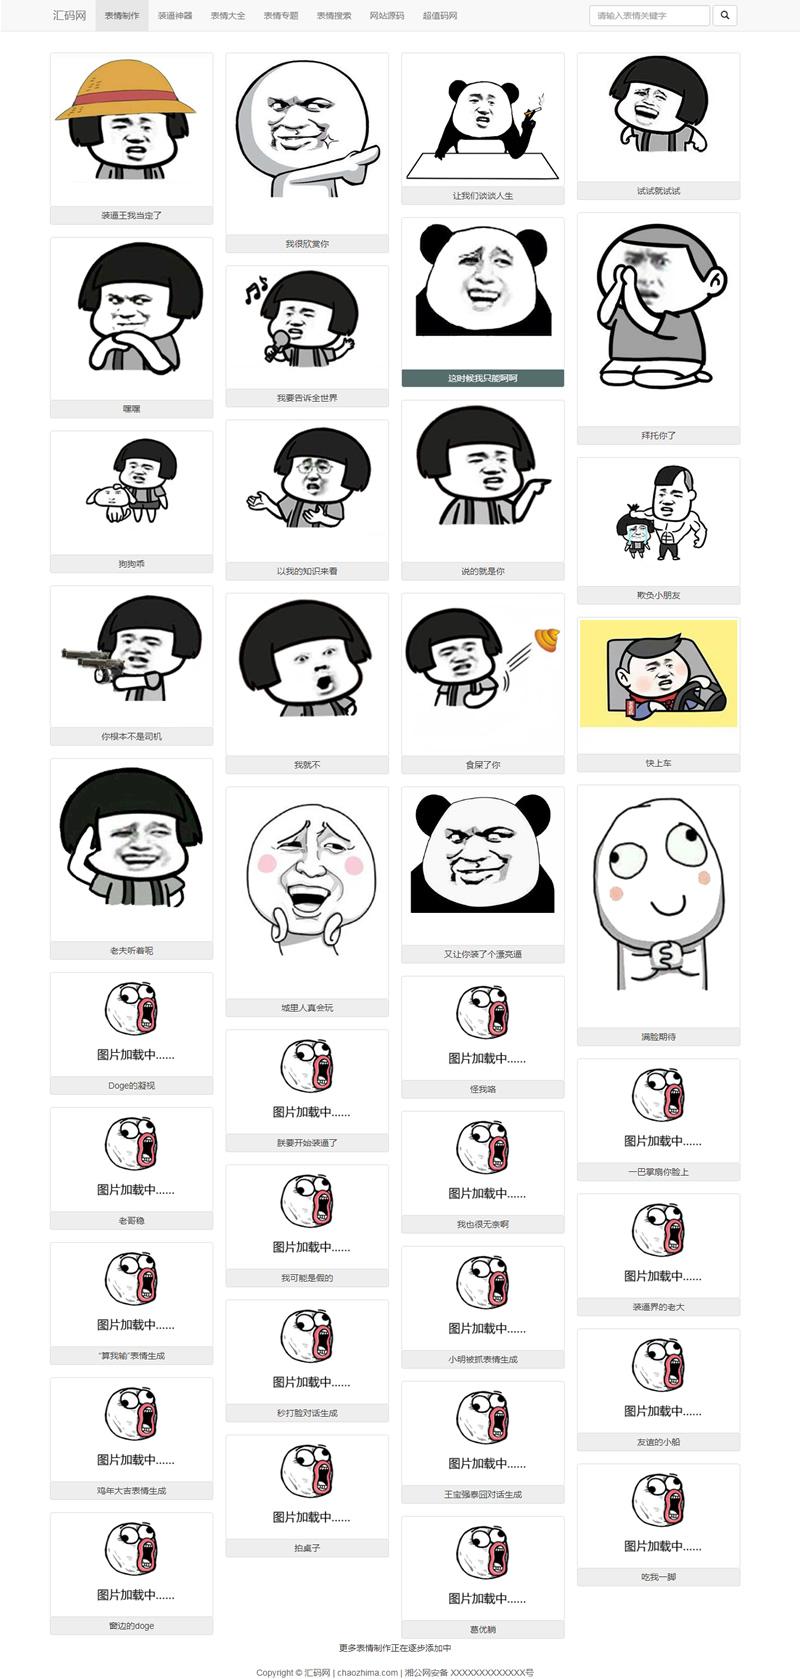 图片表情制作,QQ斗图生成,搜狗图片搜索,自适应支持手机浏览